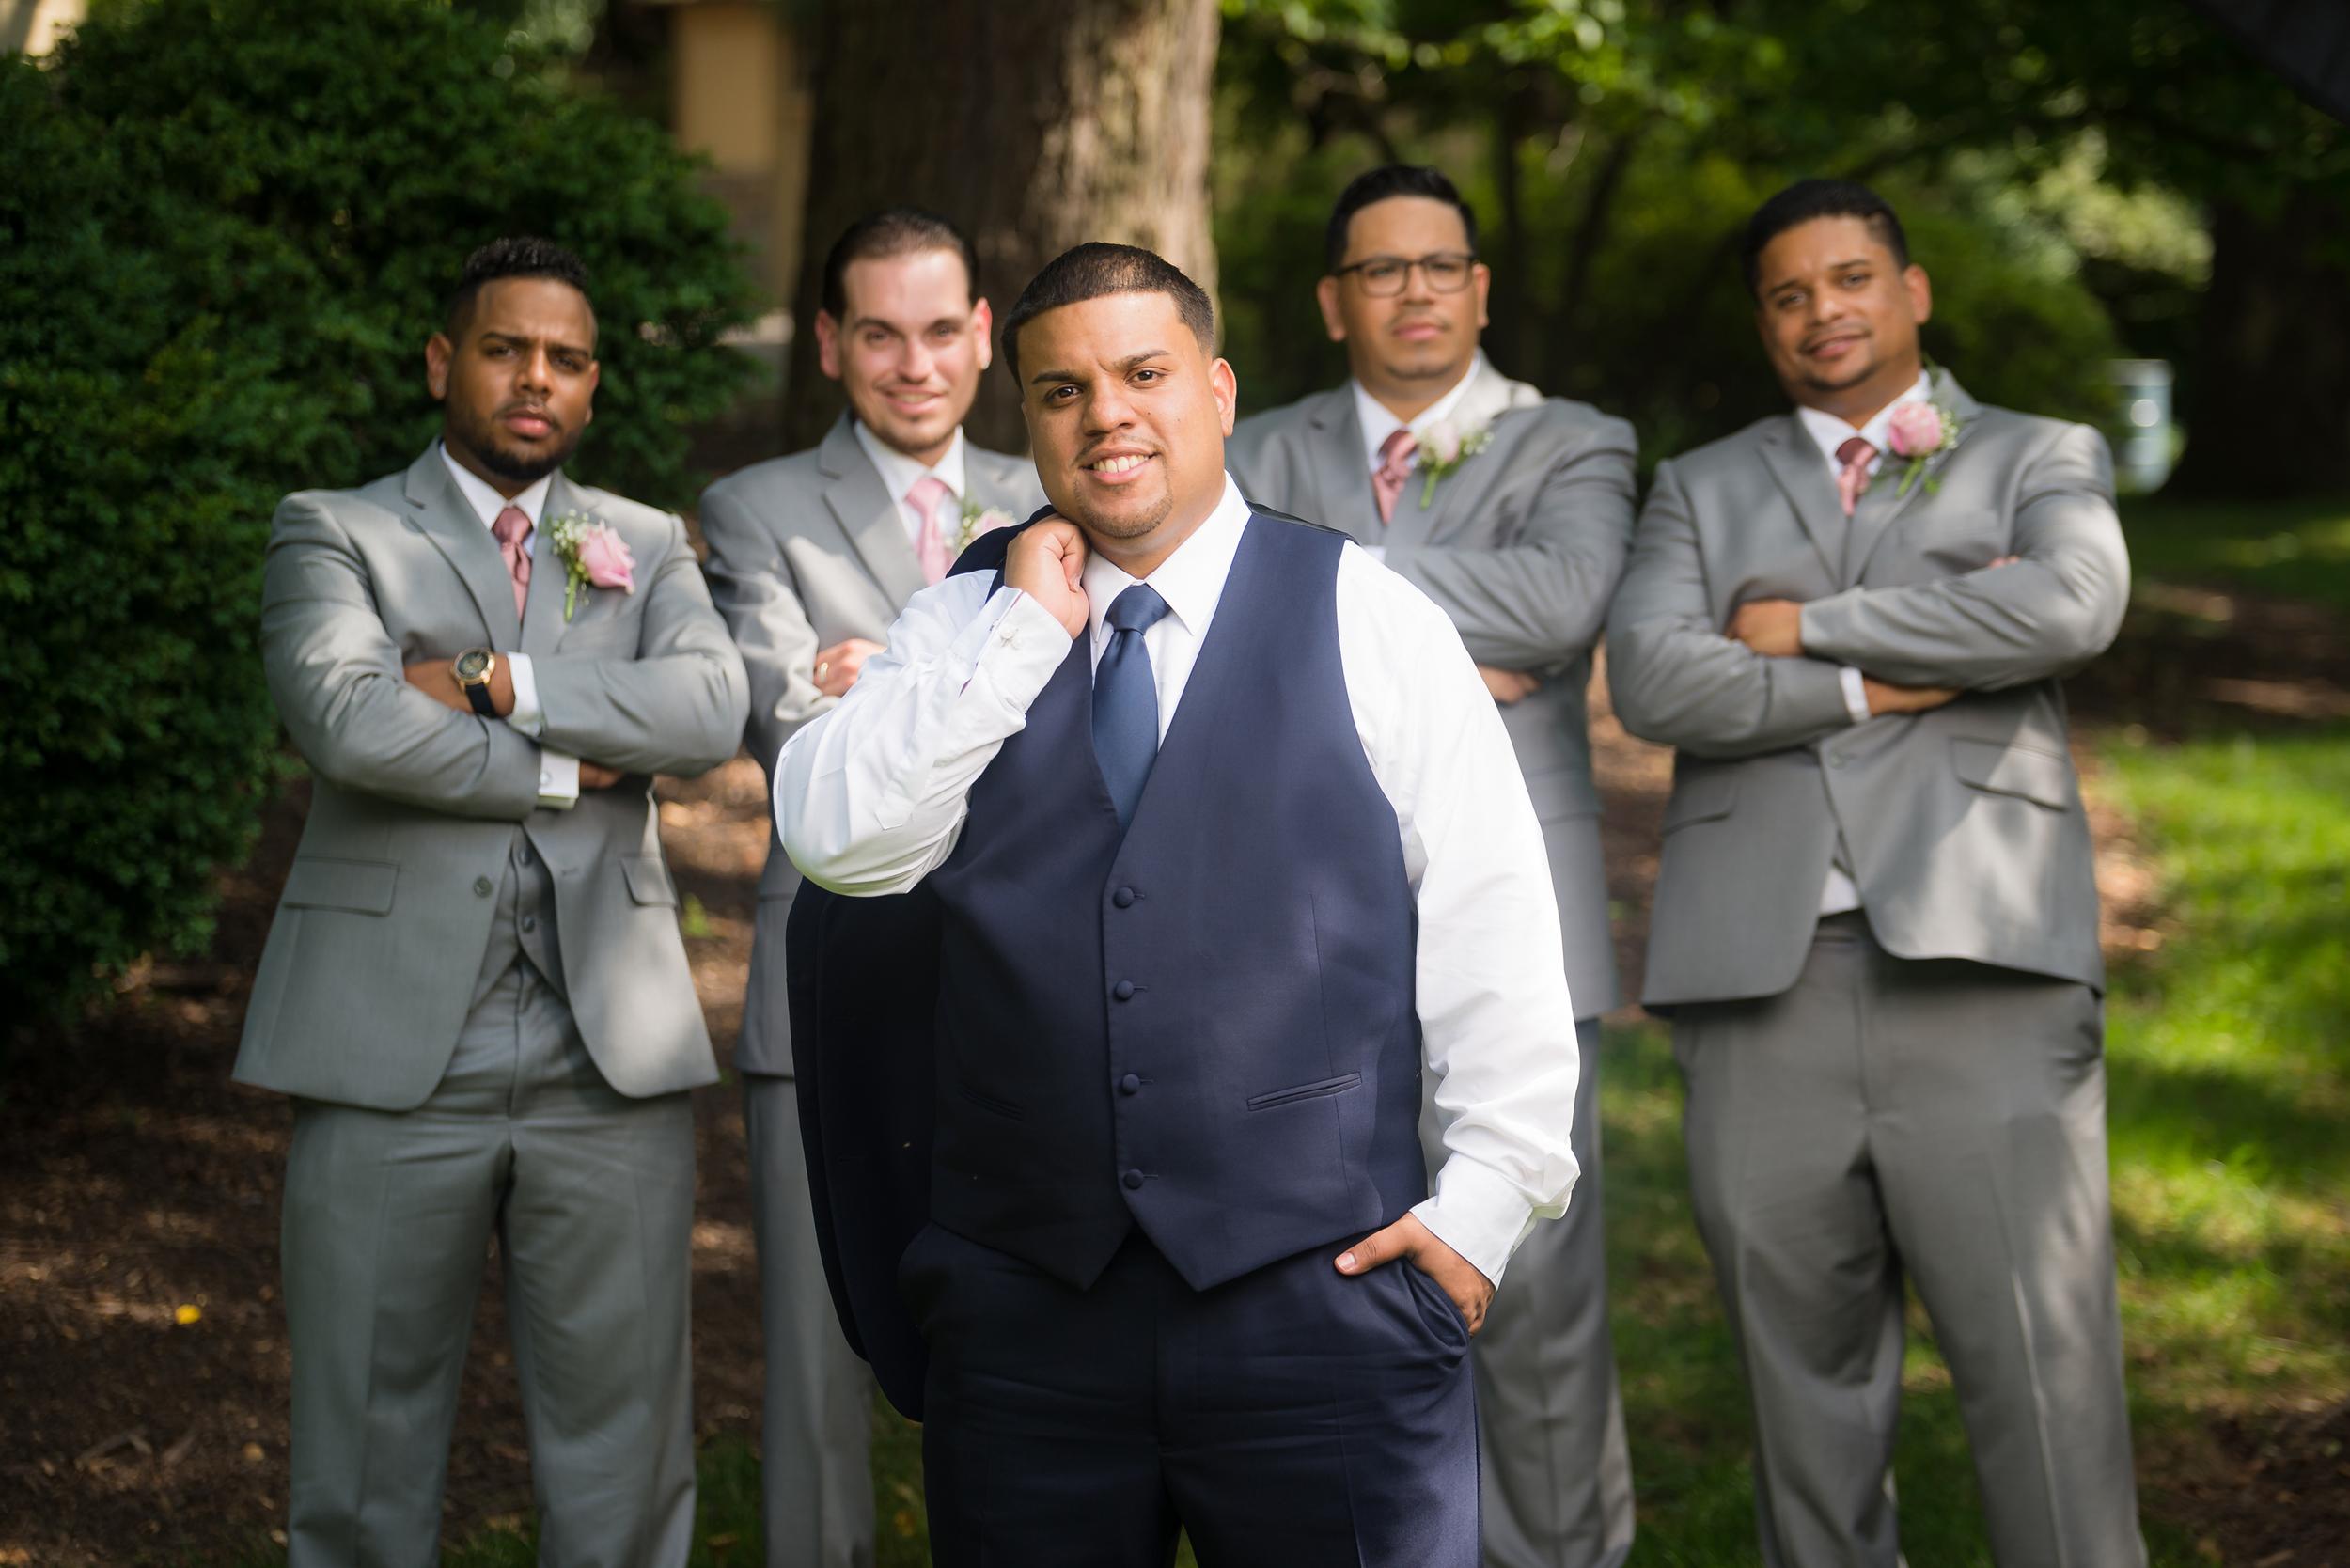 Isela-Josh-Wedding-Garcia-Photography-4085.jpg